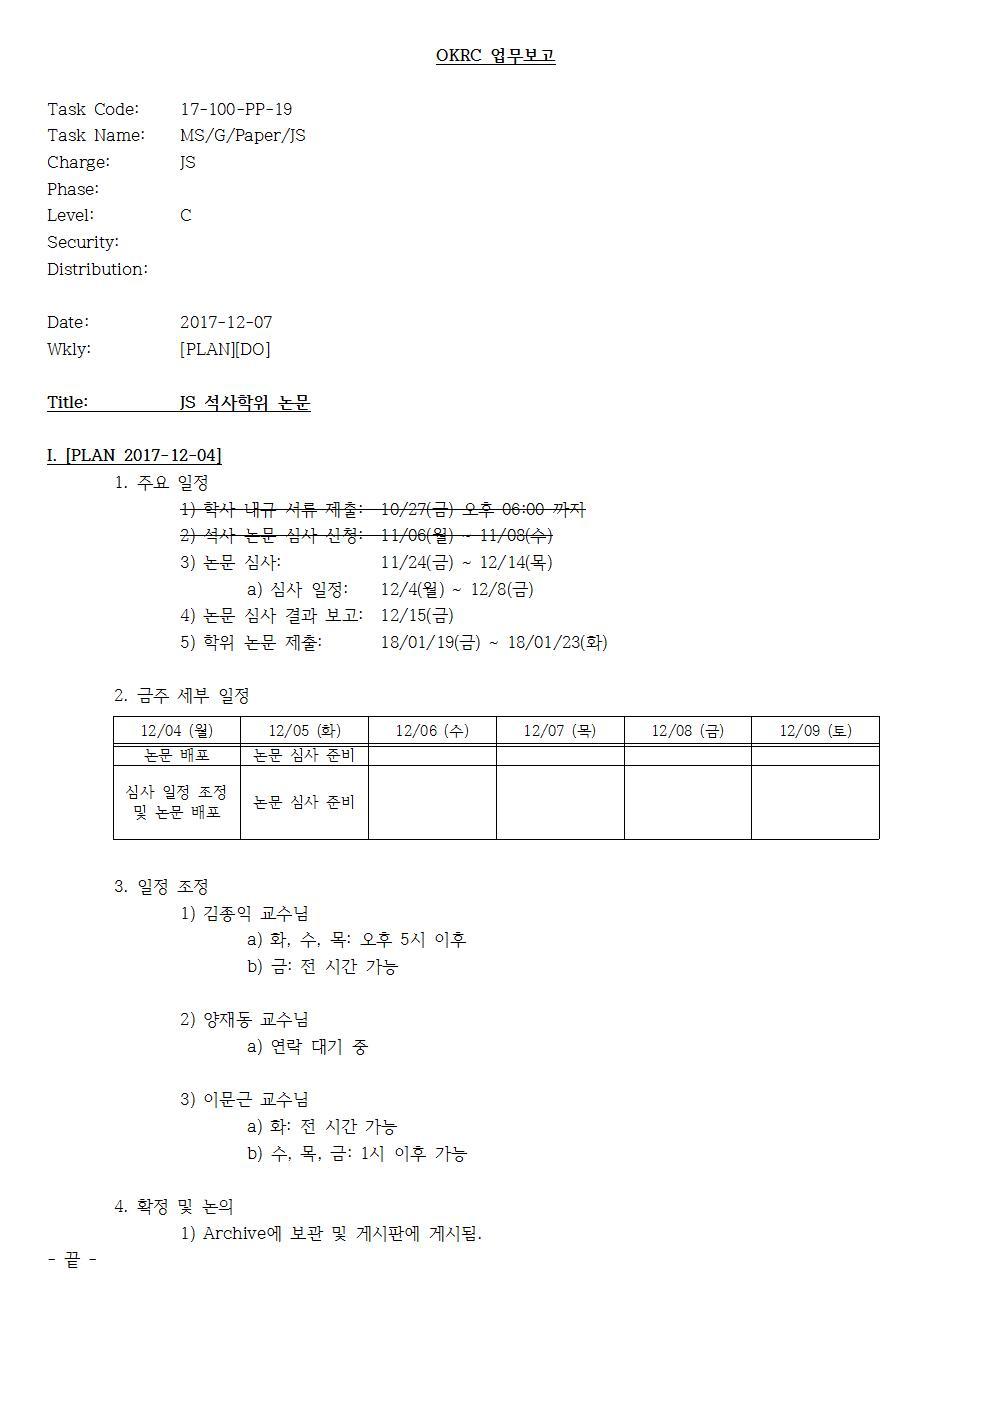 D-[17-100-PP-19]-[MS-G-Paper-JS]-[JS]-[2017-12-07]-[PLAN][DO]001.jpg